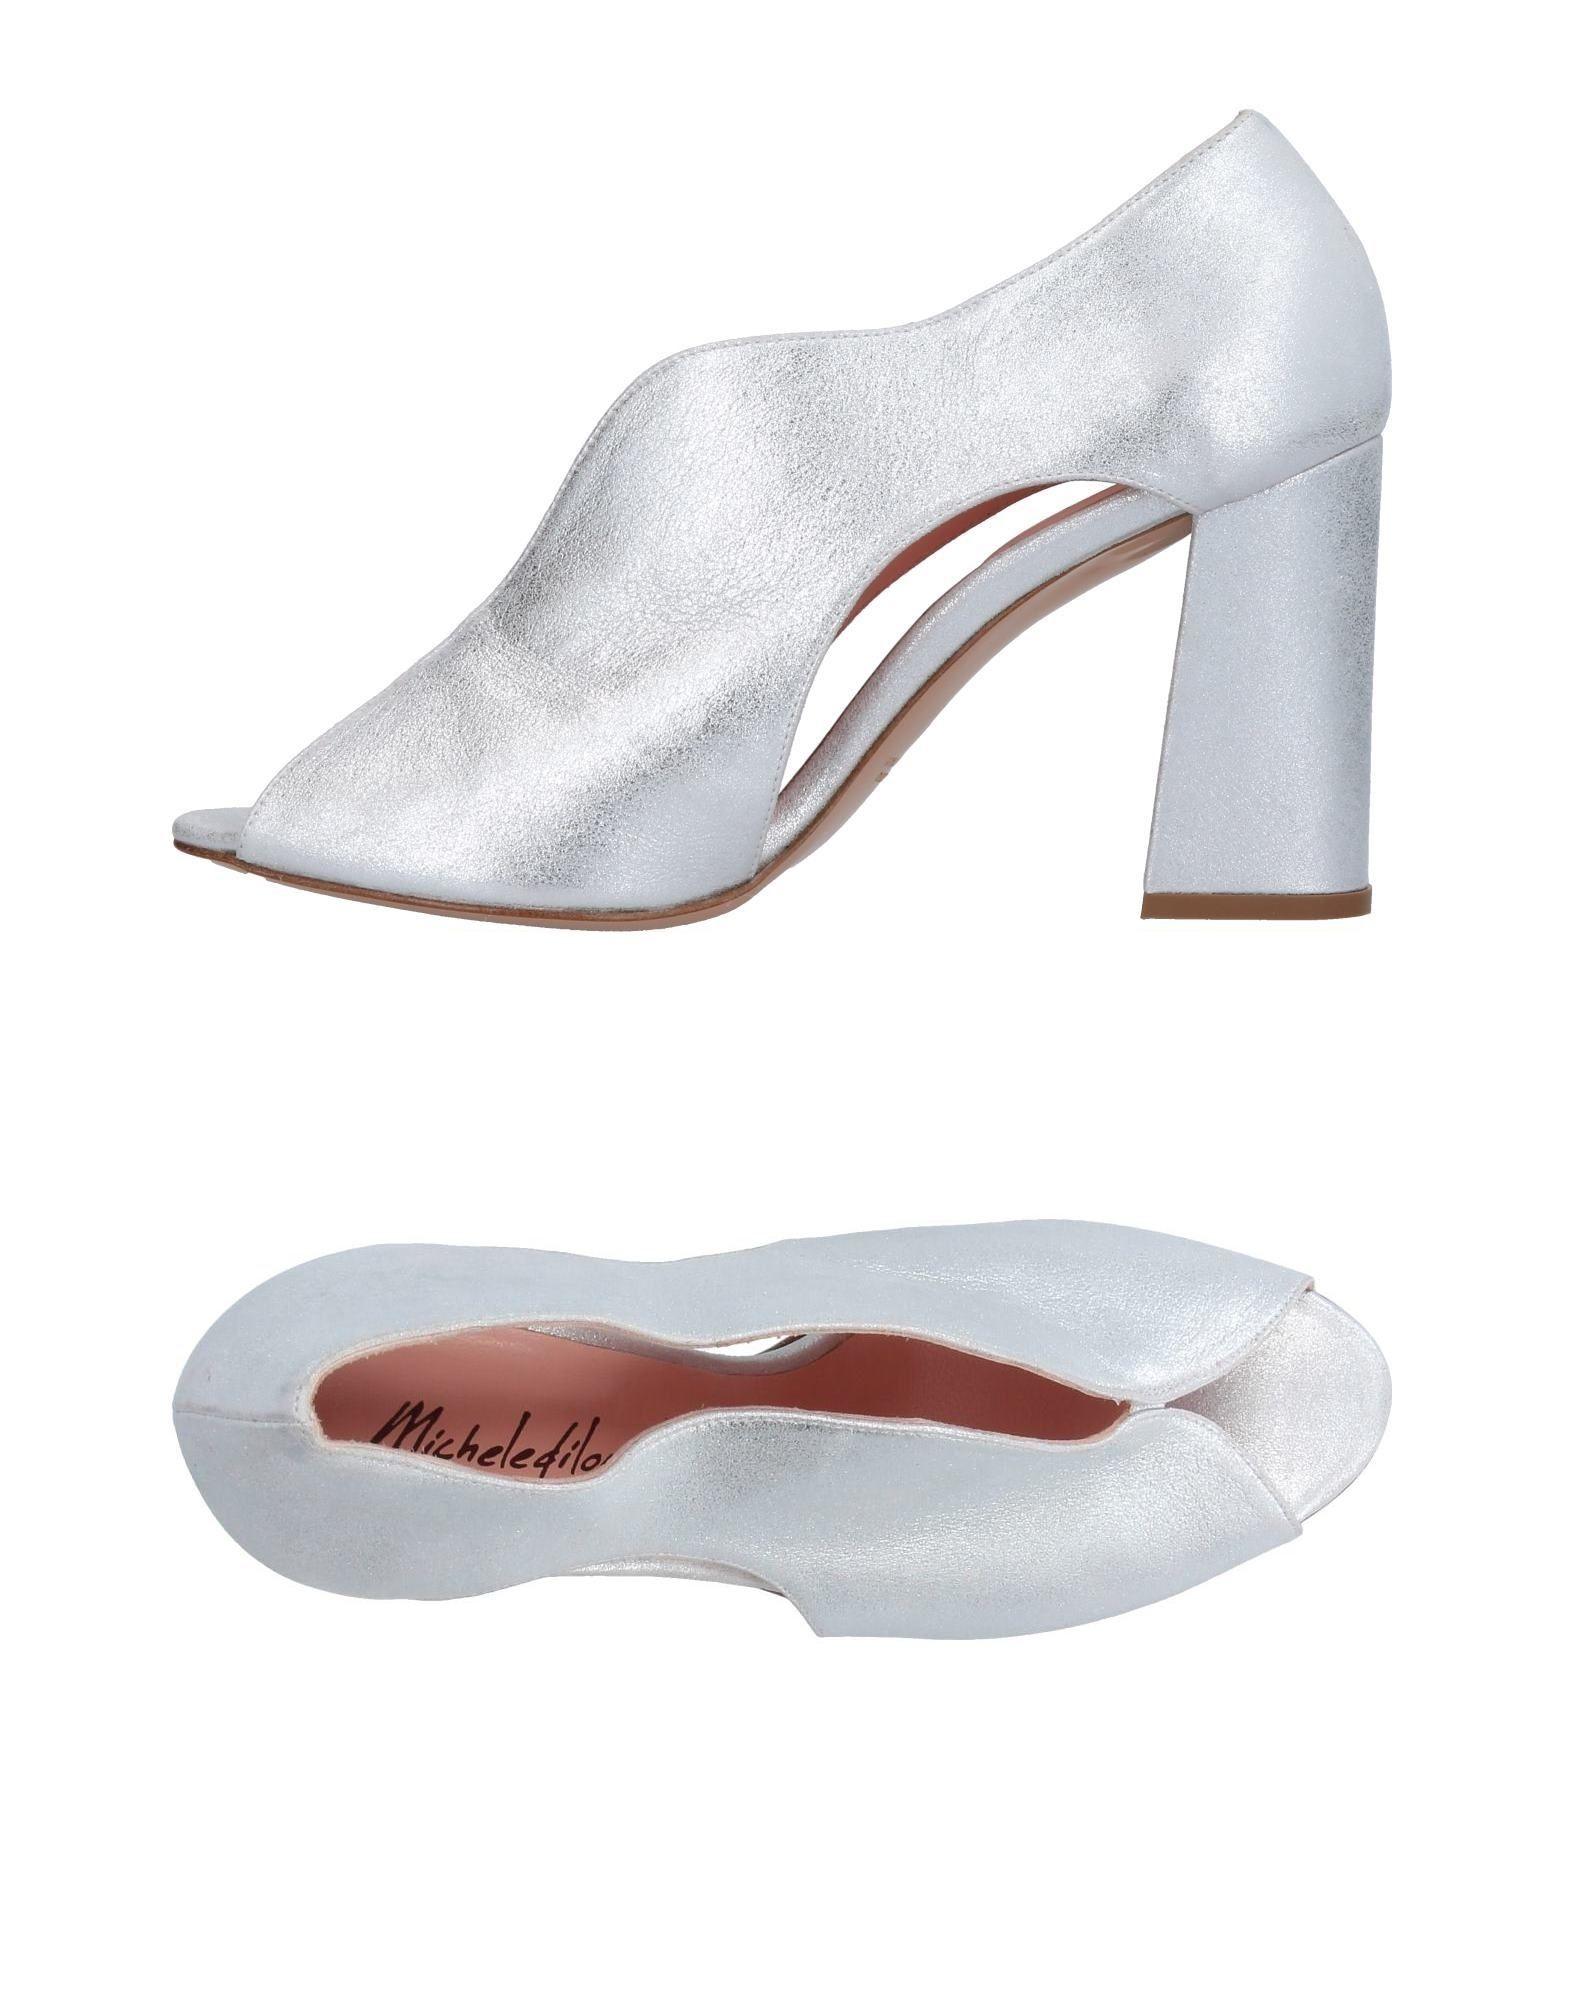 Michelediloco Pumps Damen  11382831CF 11382831CF 11382831CF Gute Qualität beliebte Schuhe 89e263